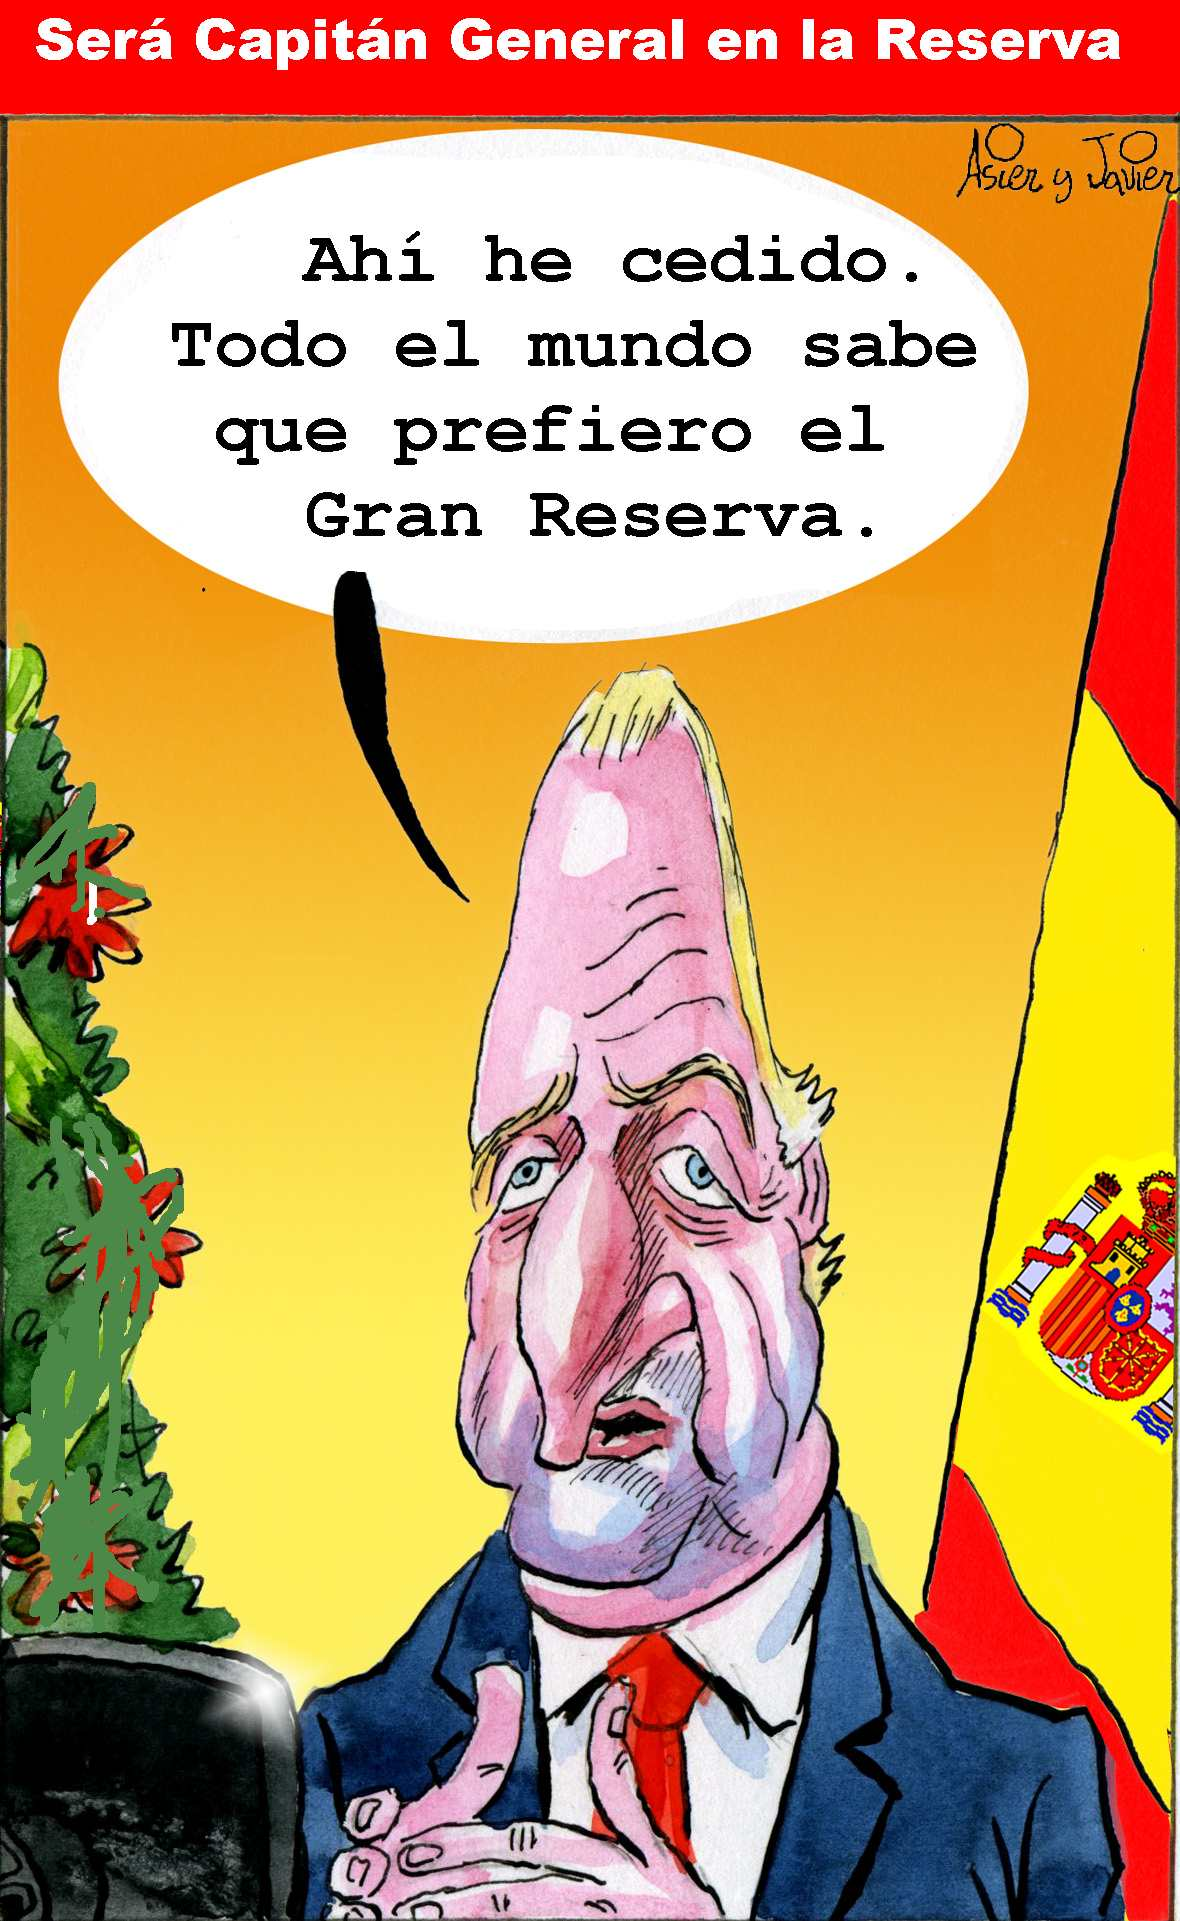 Juan Carlos será Capitán General en la Reserva. Rey, Caricatura, Humor